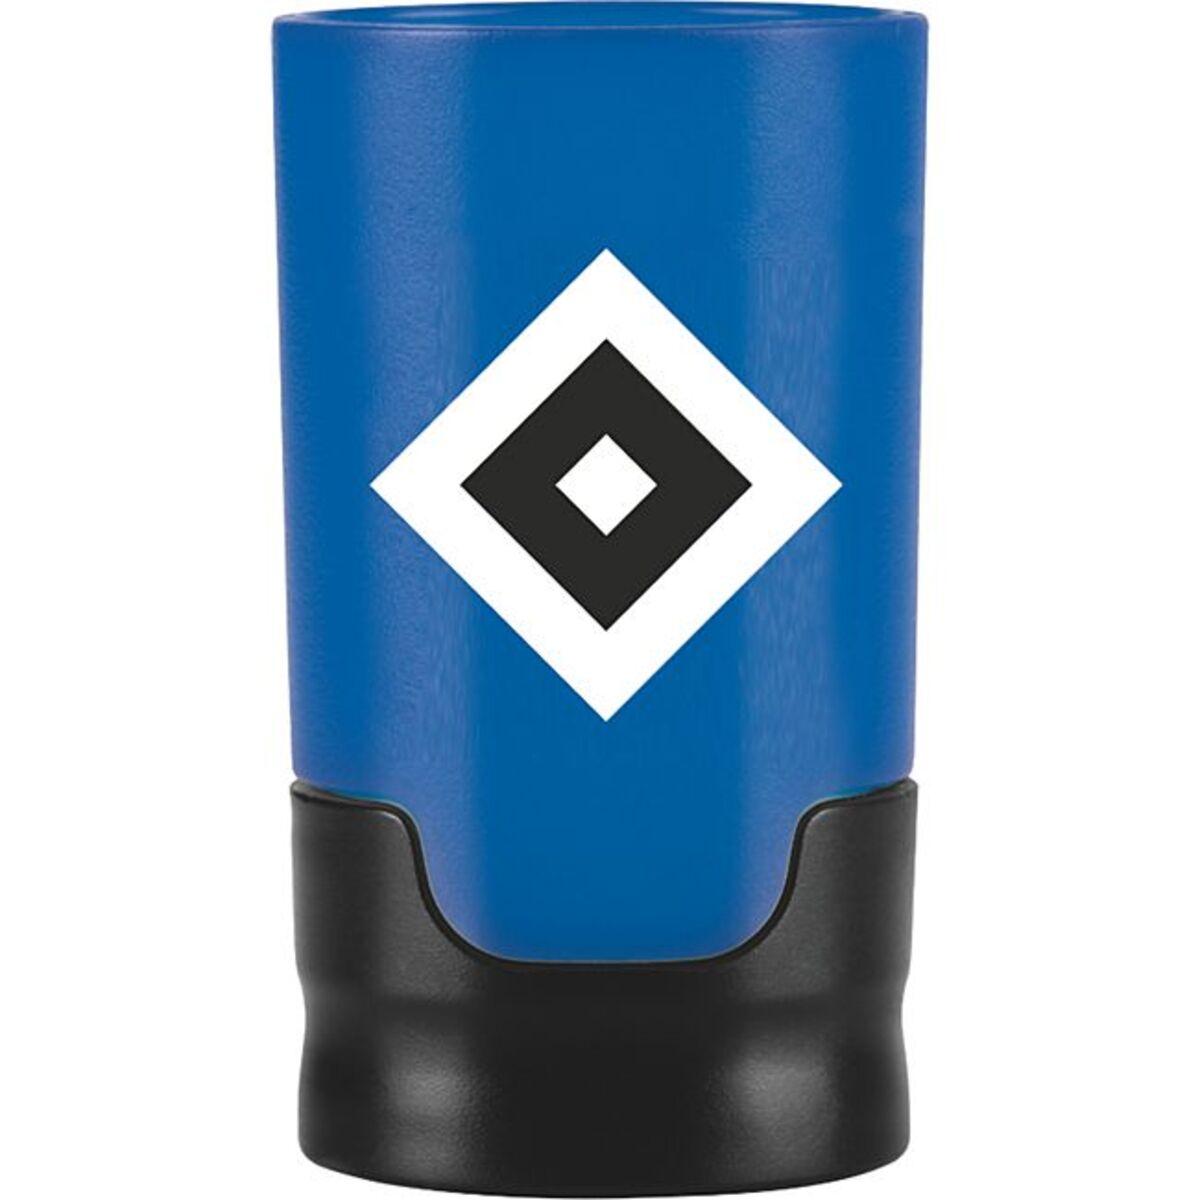 Bild 1 von Taste Hero Bier-Aufbereiter HSV blau/schwarz